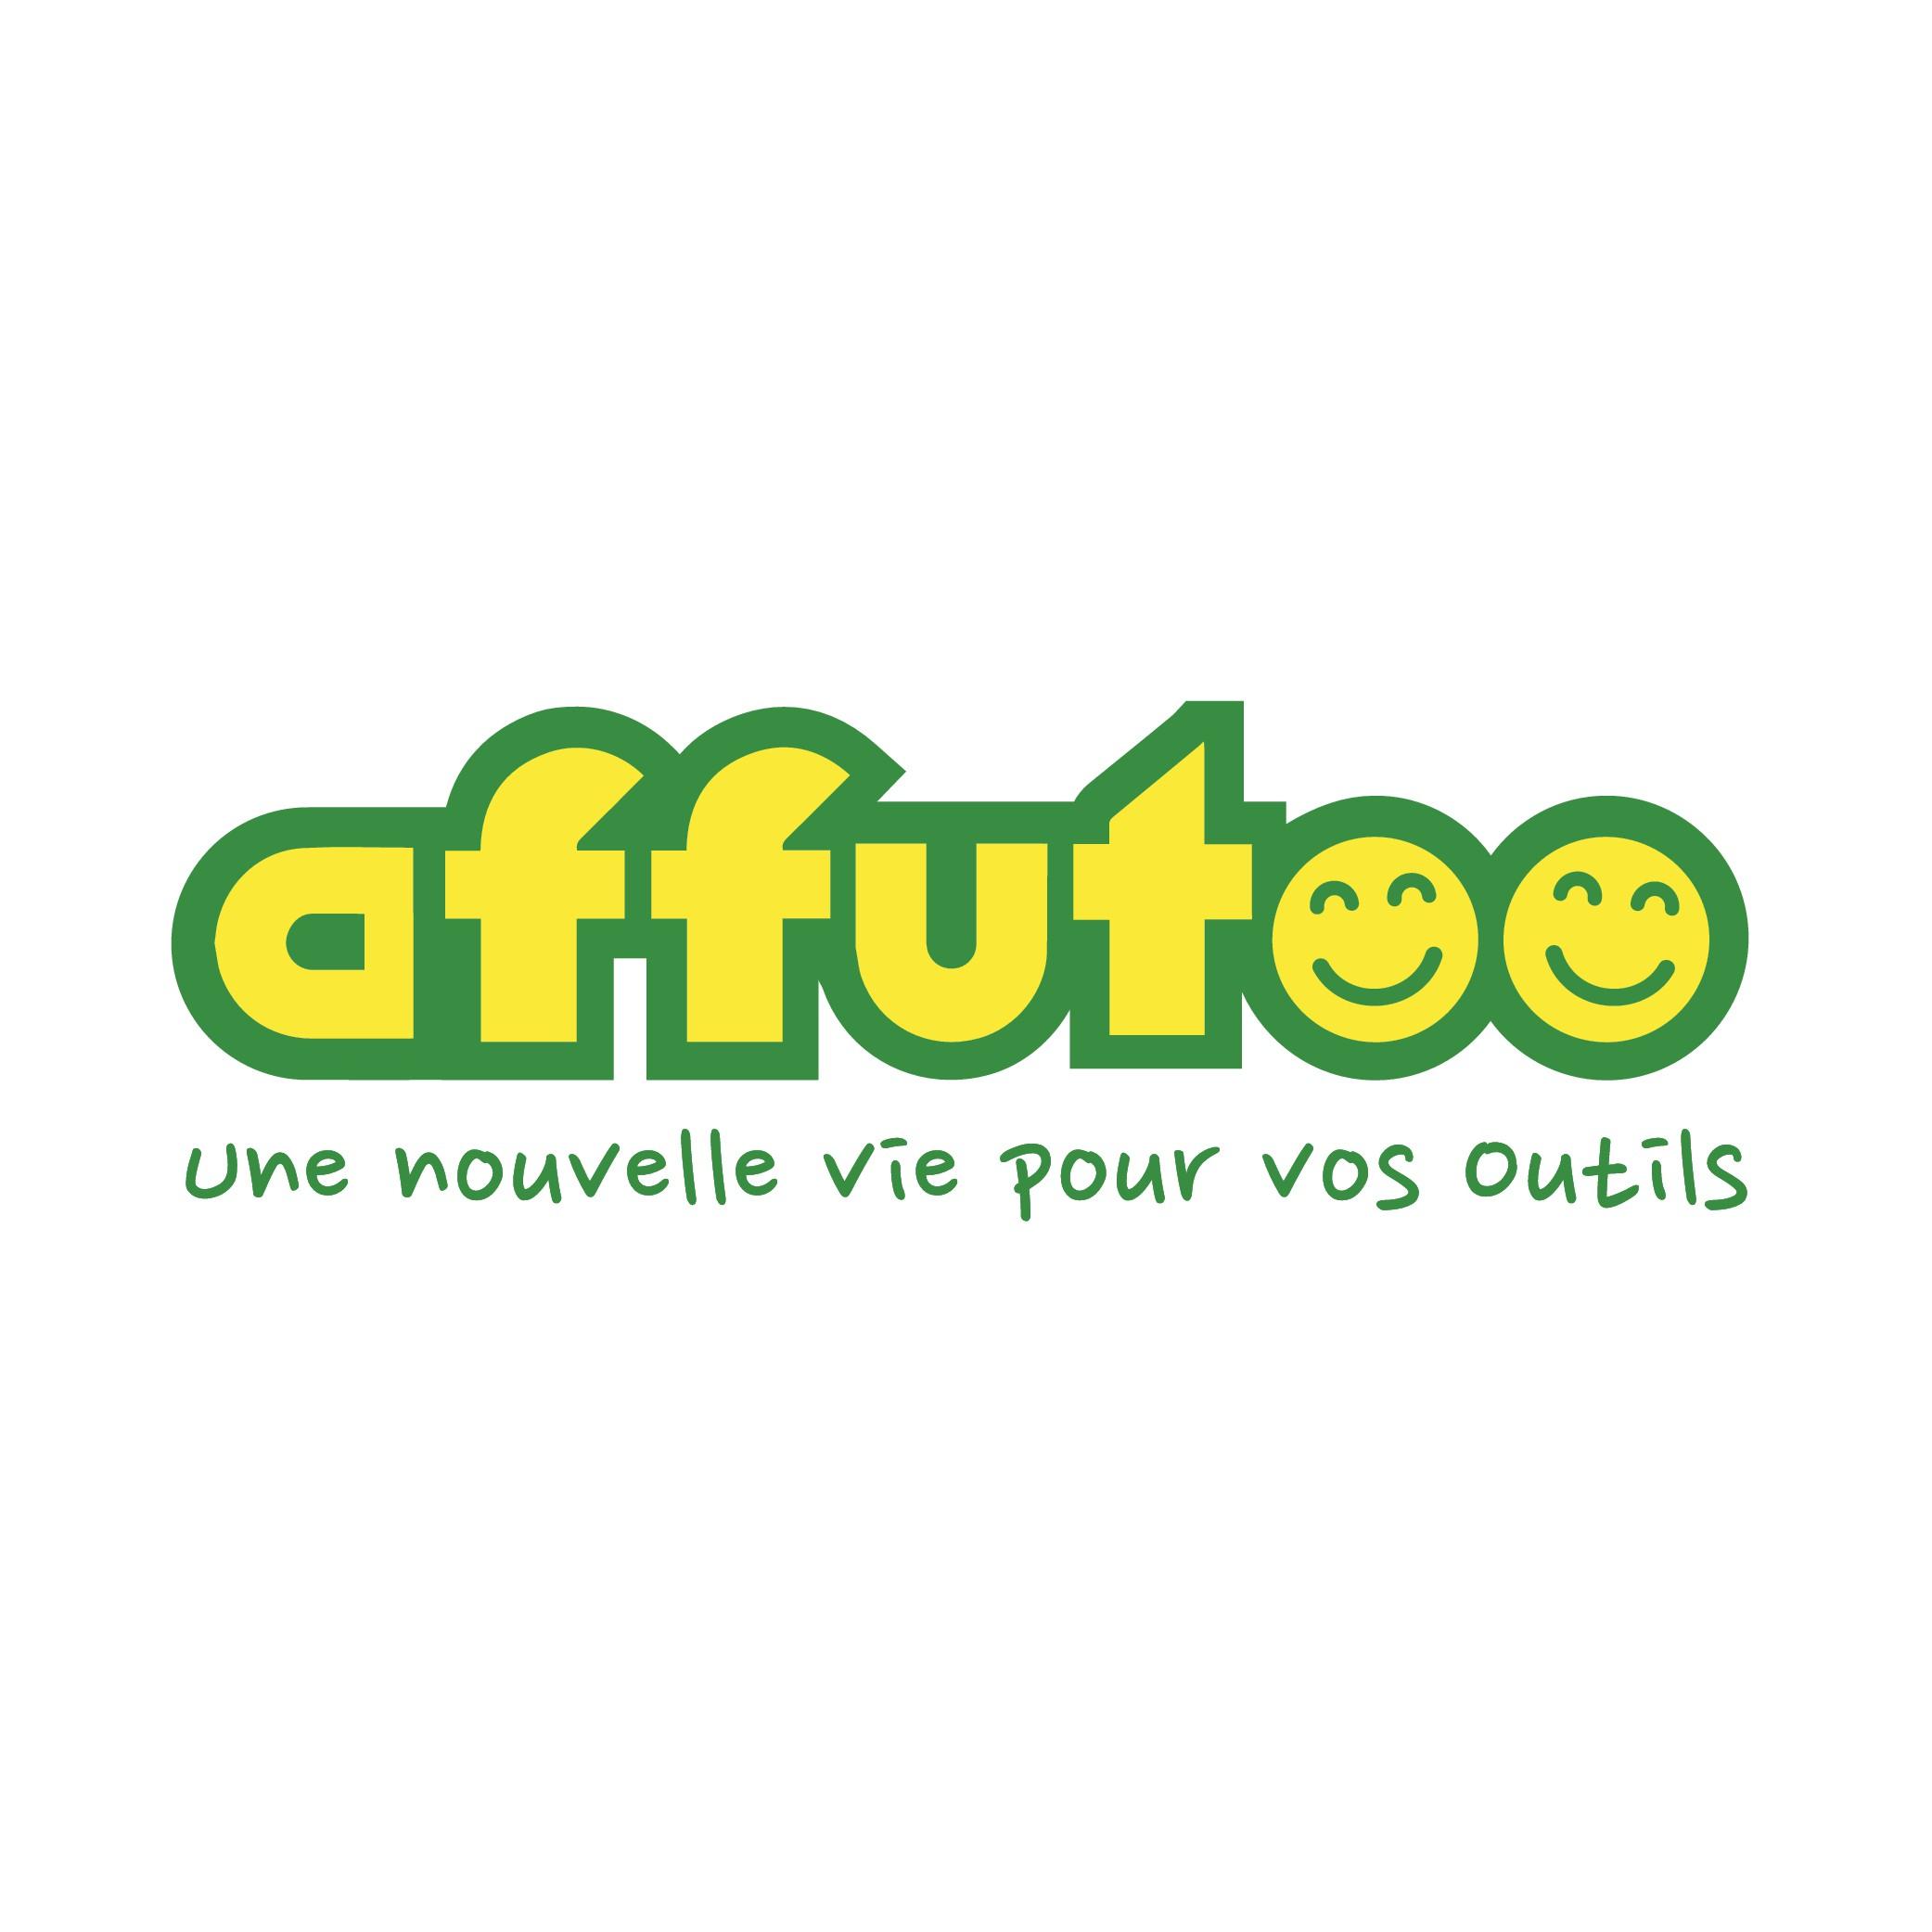 Création d'un logo pour Affutoo !